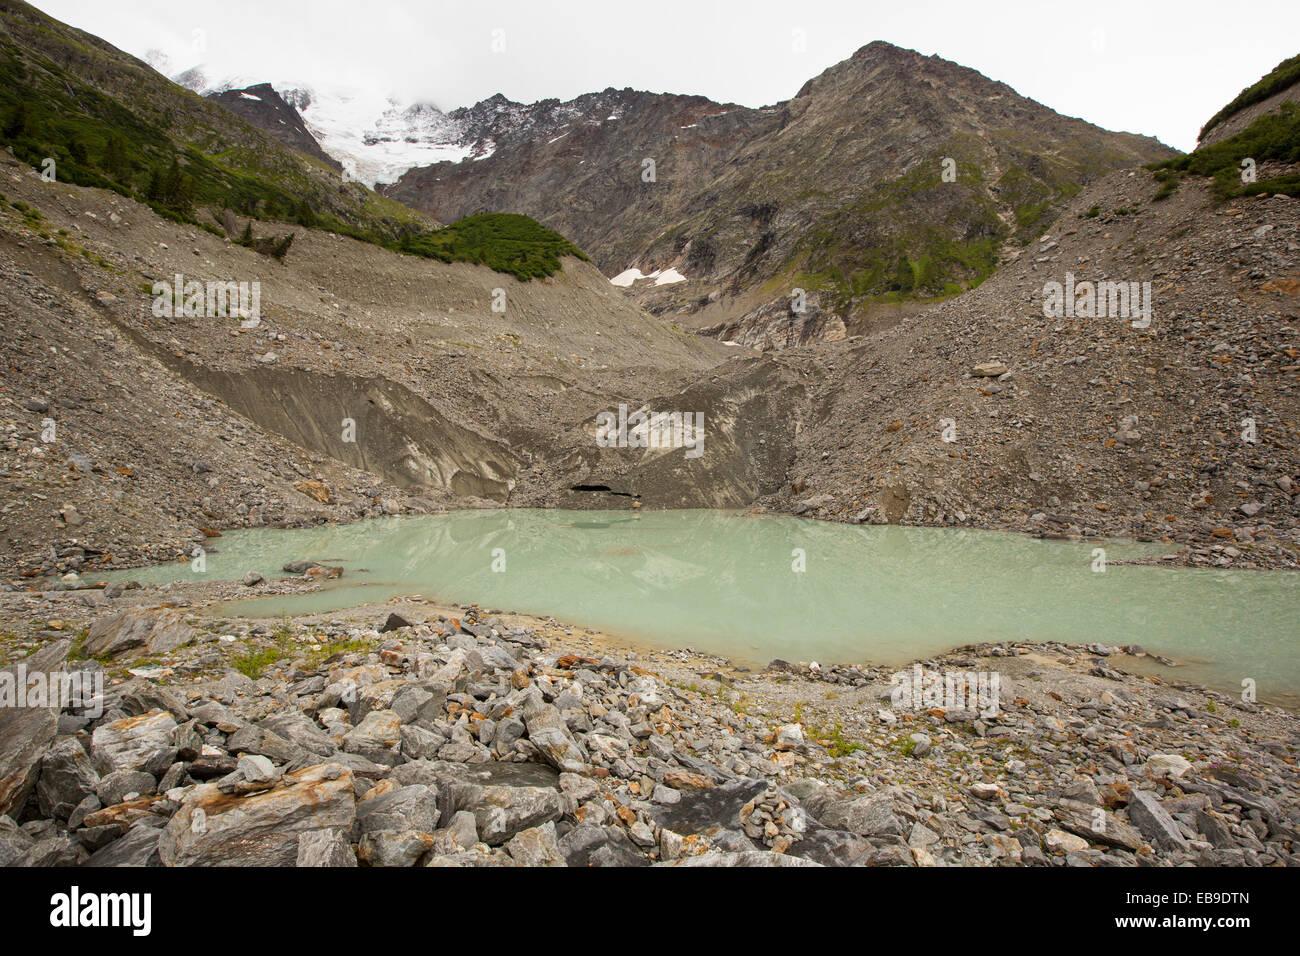 Un lago di acqua di disgelo al muso del rapidamente ritirandosi Bionnassay ghiacciaio proveniente dal Mont Blanc Immagini Stock